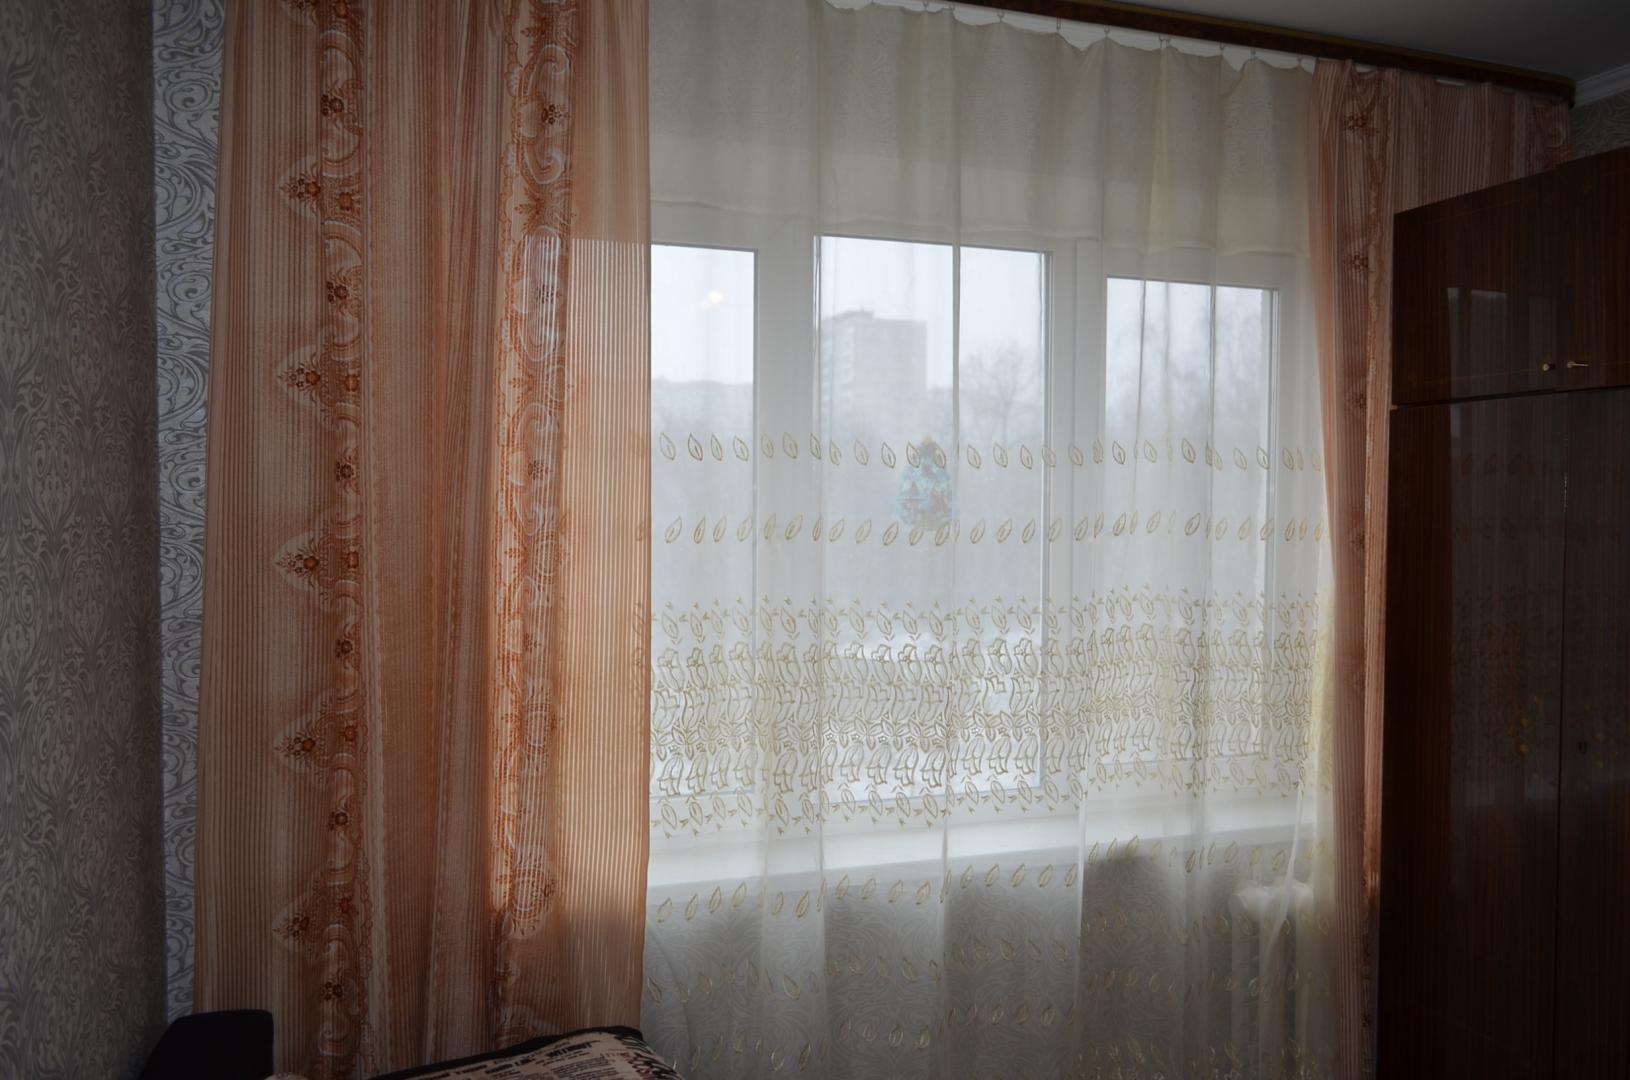 Комната в аренду по адресу Россия, Московская область, городской округ Дзержинский, Дзержинский, Томилинская улица, 20